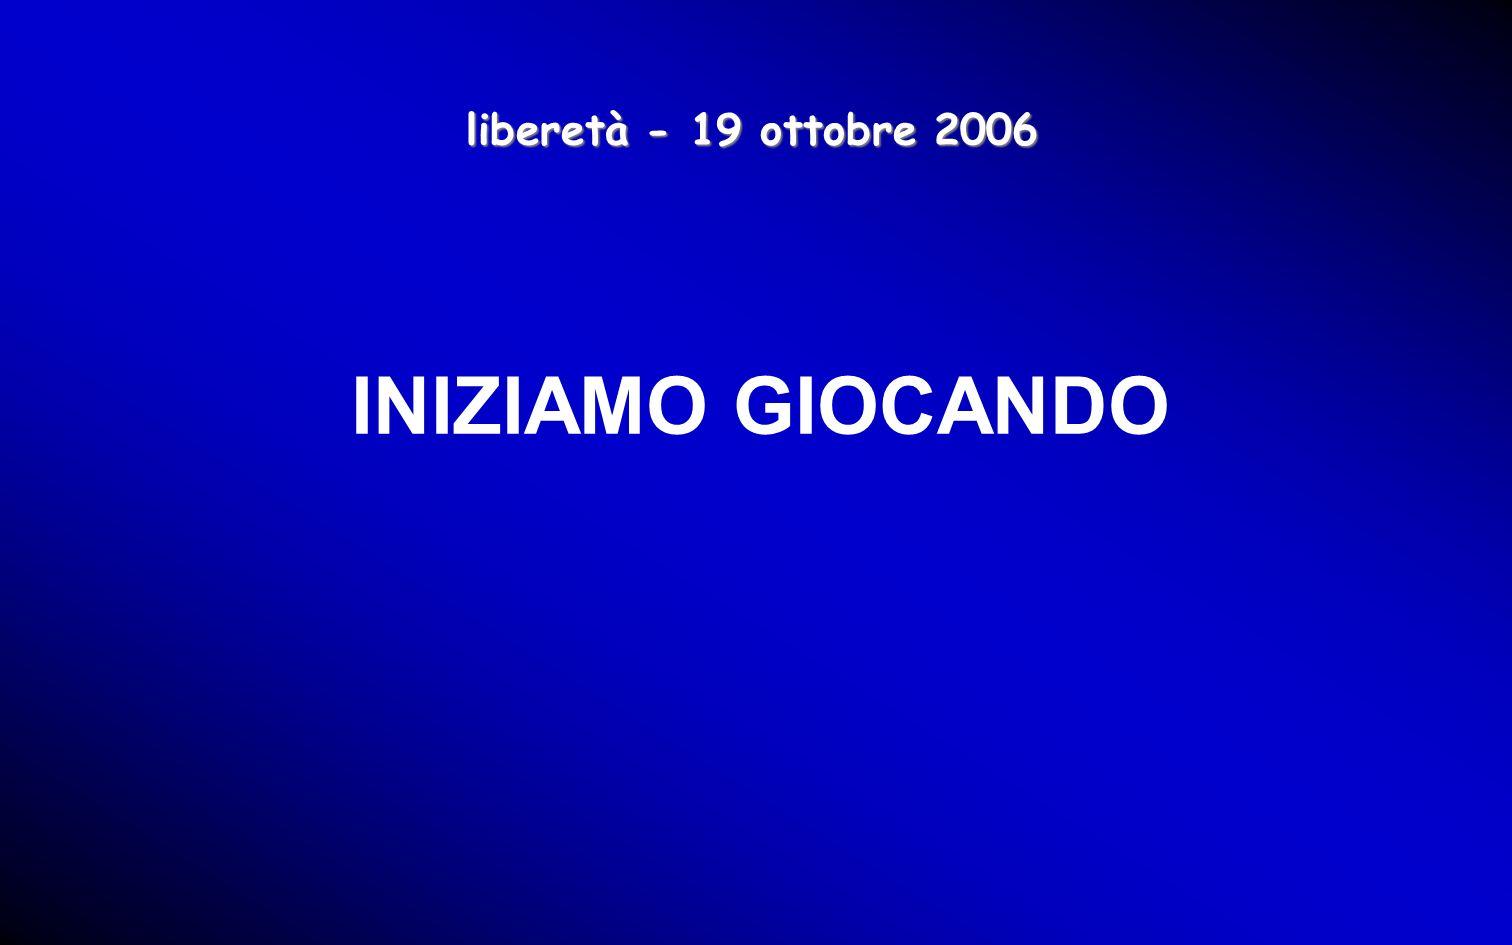 liberetà - 19 ottobre 2006 INIZIAMO GIOCANDO